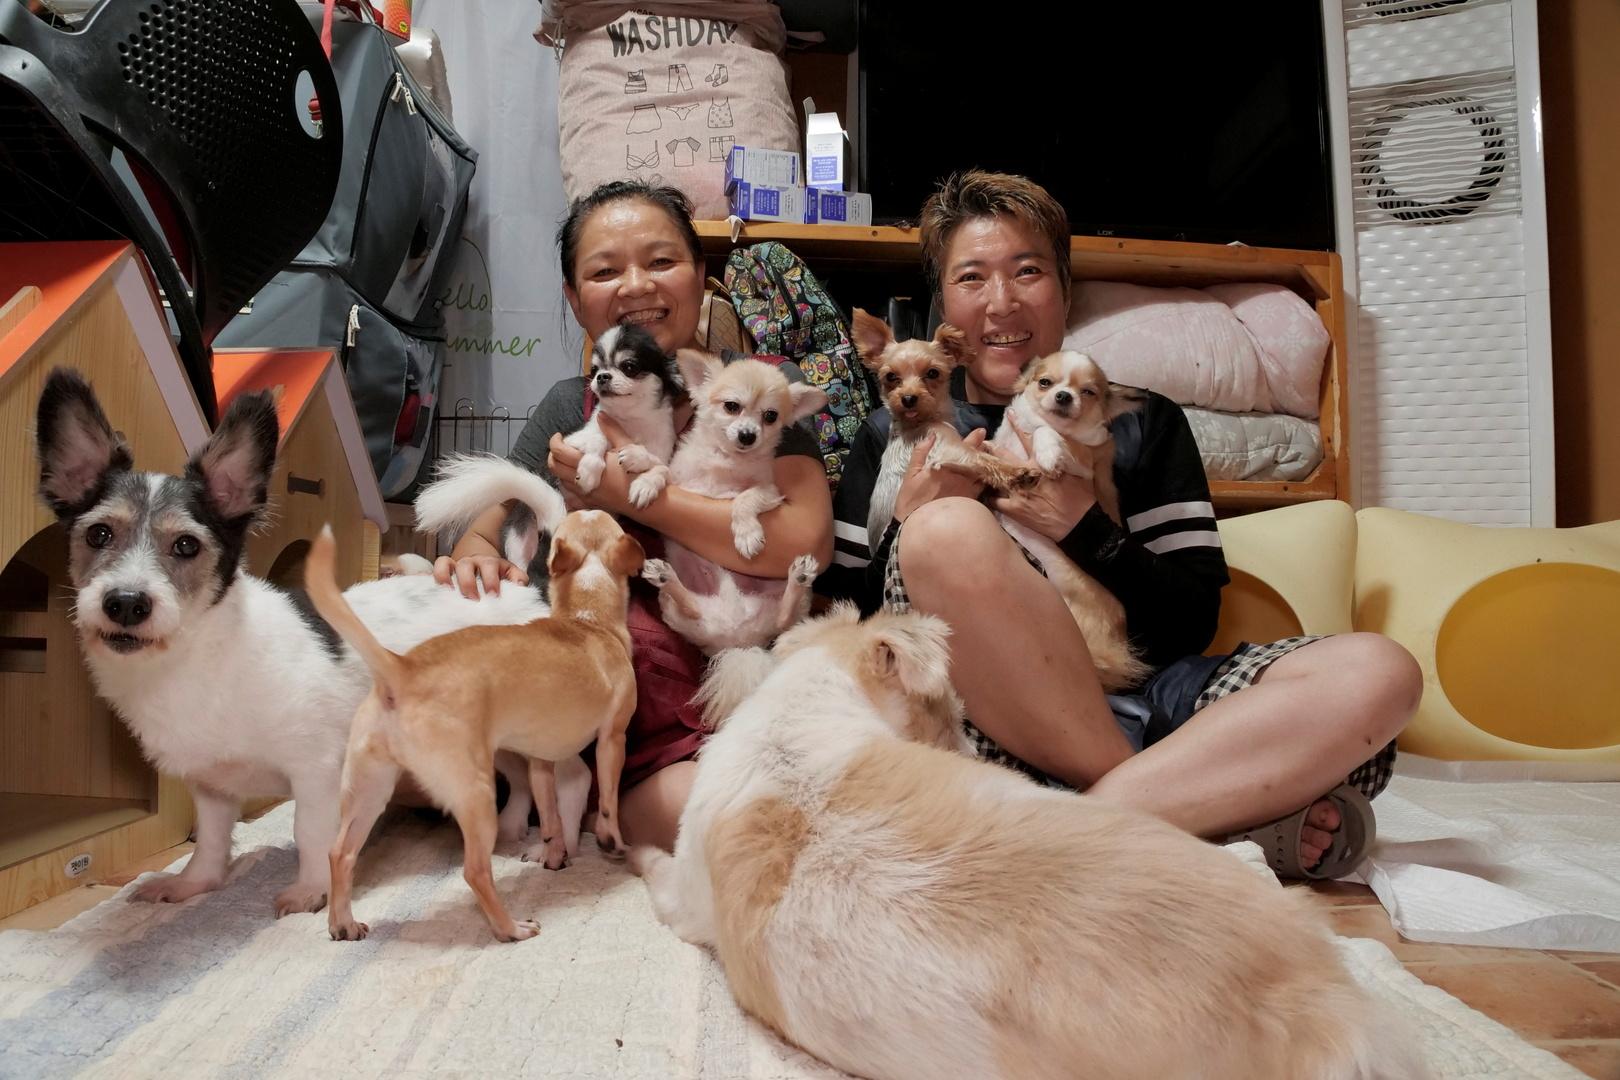 بعد تعديل قانوني.. الحيوانات في كوريا الجنوبية أصبحت بمثابة